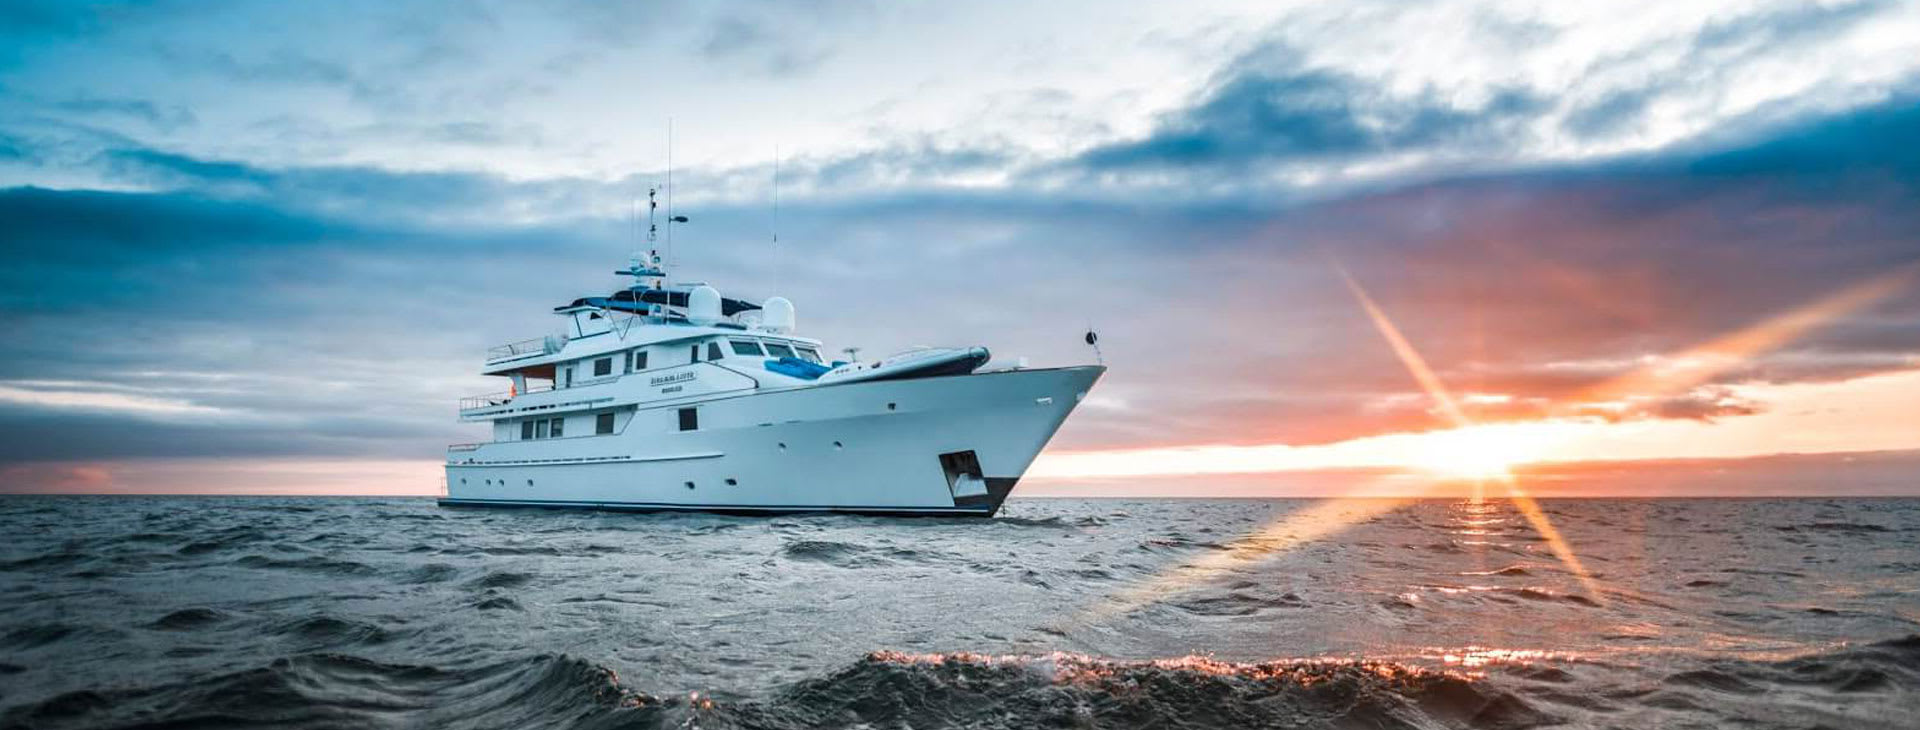 Ship at sea at sunset